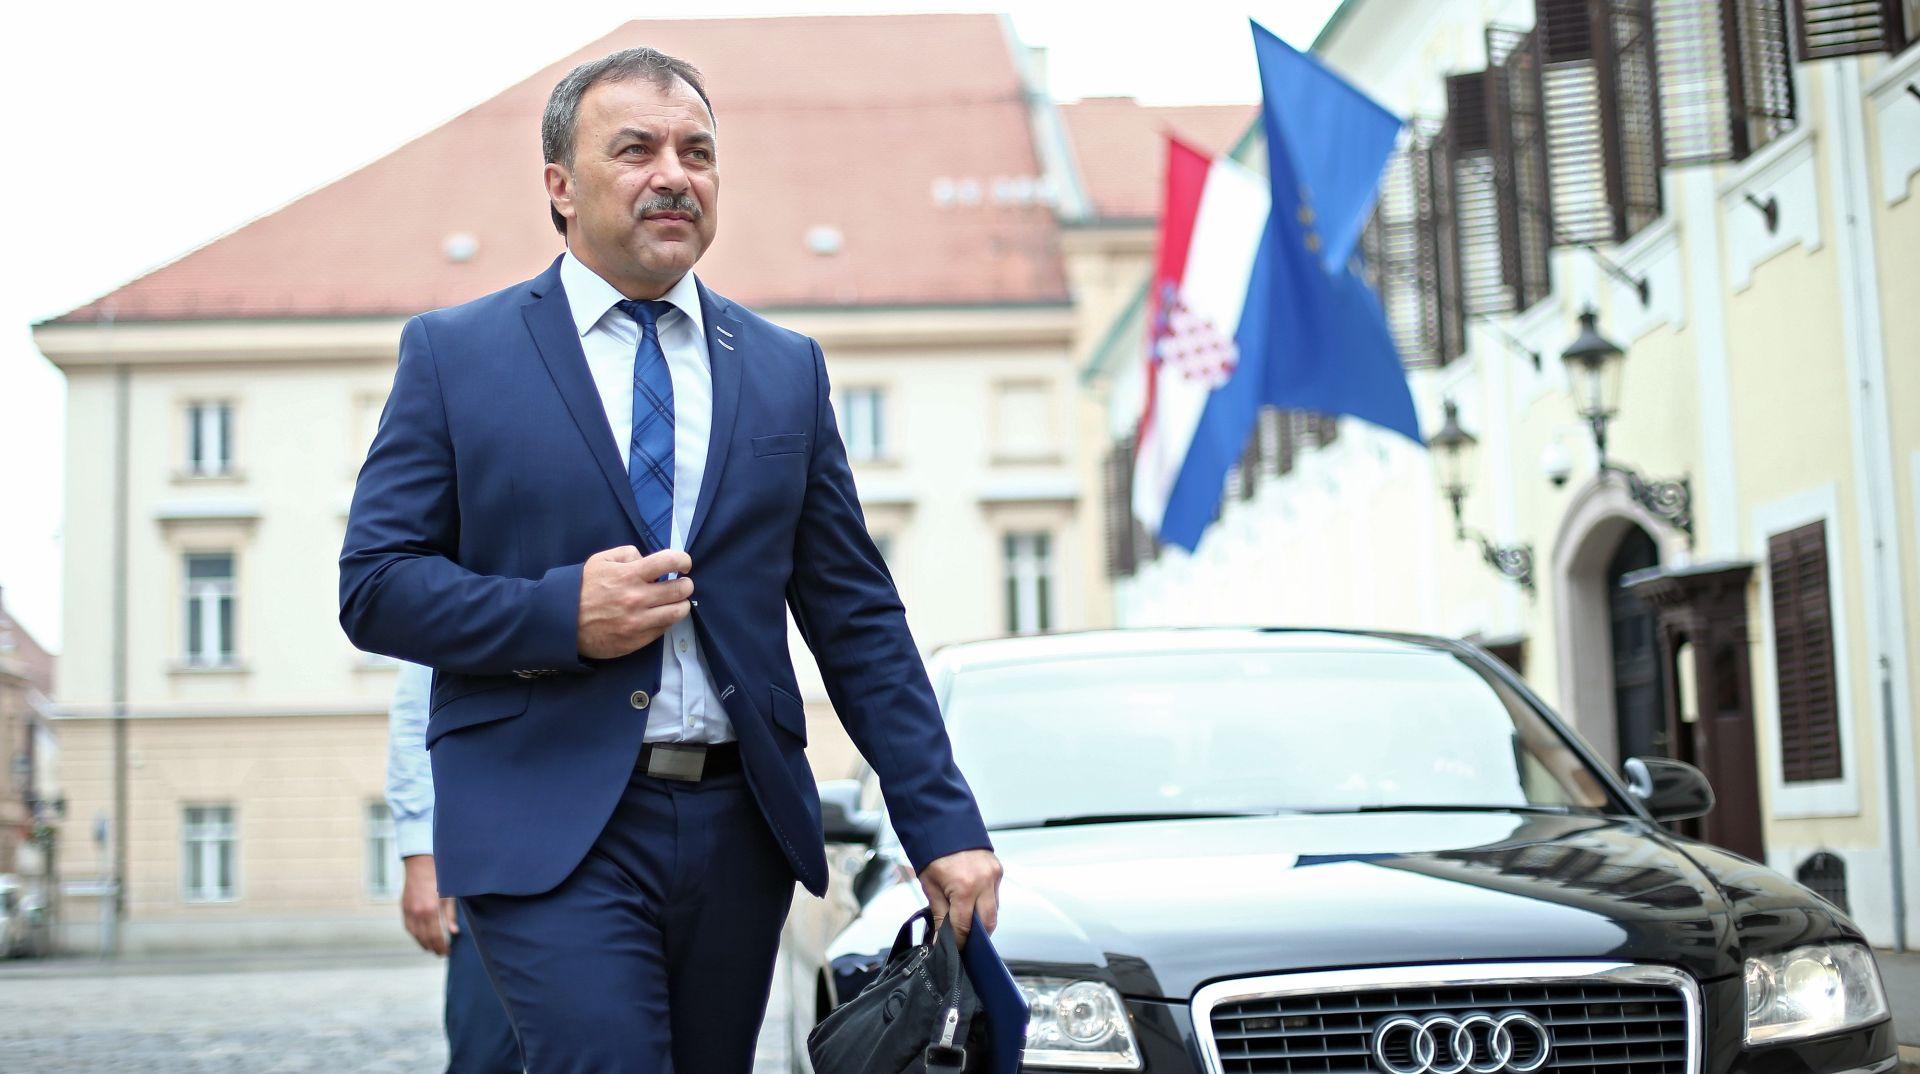 MINISTAR OREPIĆ: 'U ovom trenutku ništa ne ukazuje na veliki migrantski val'